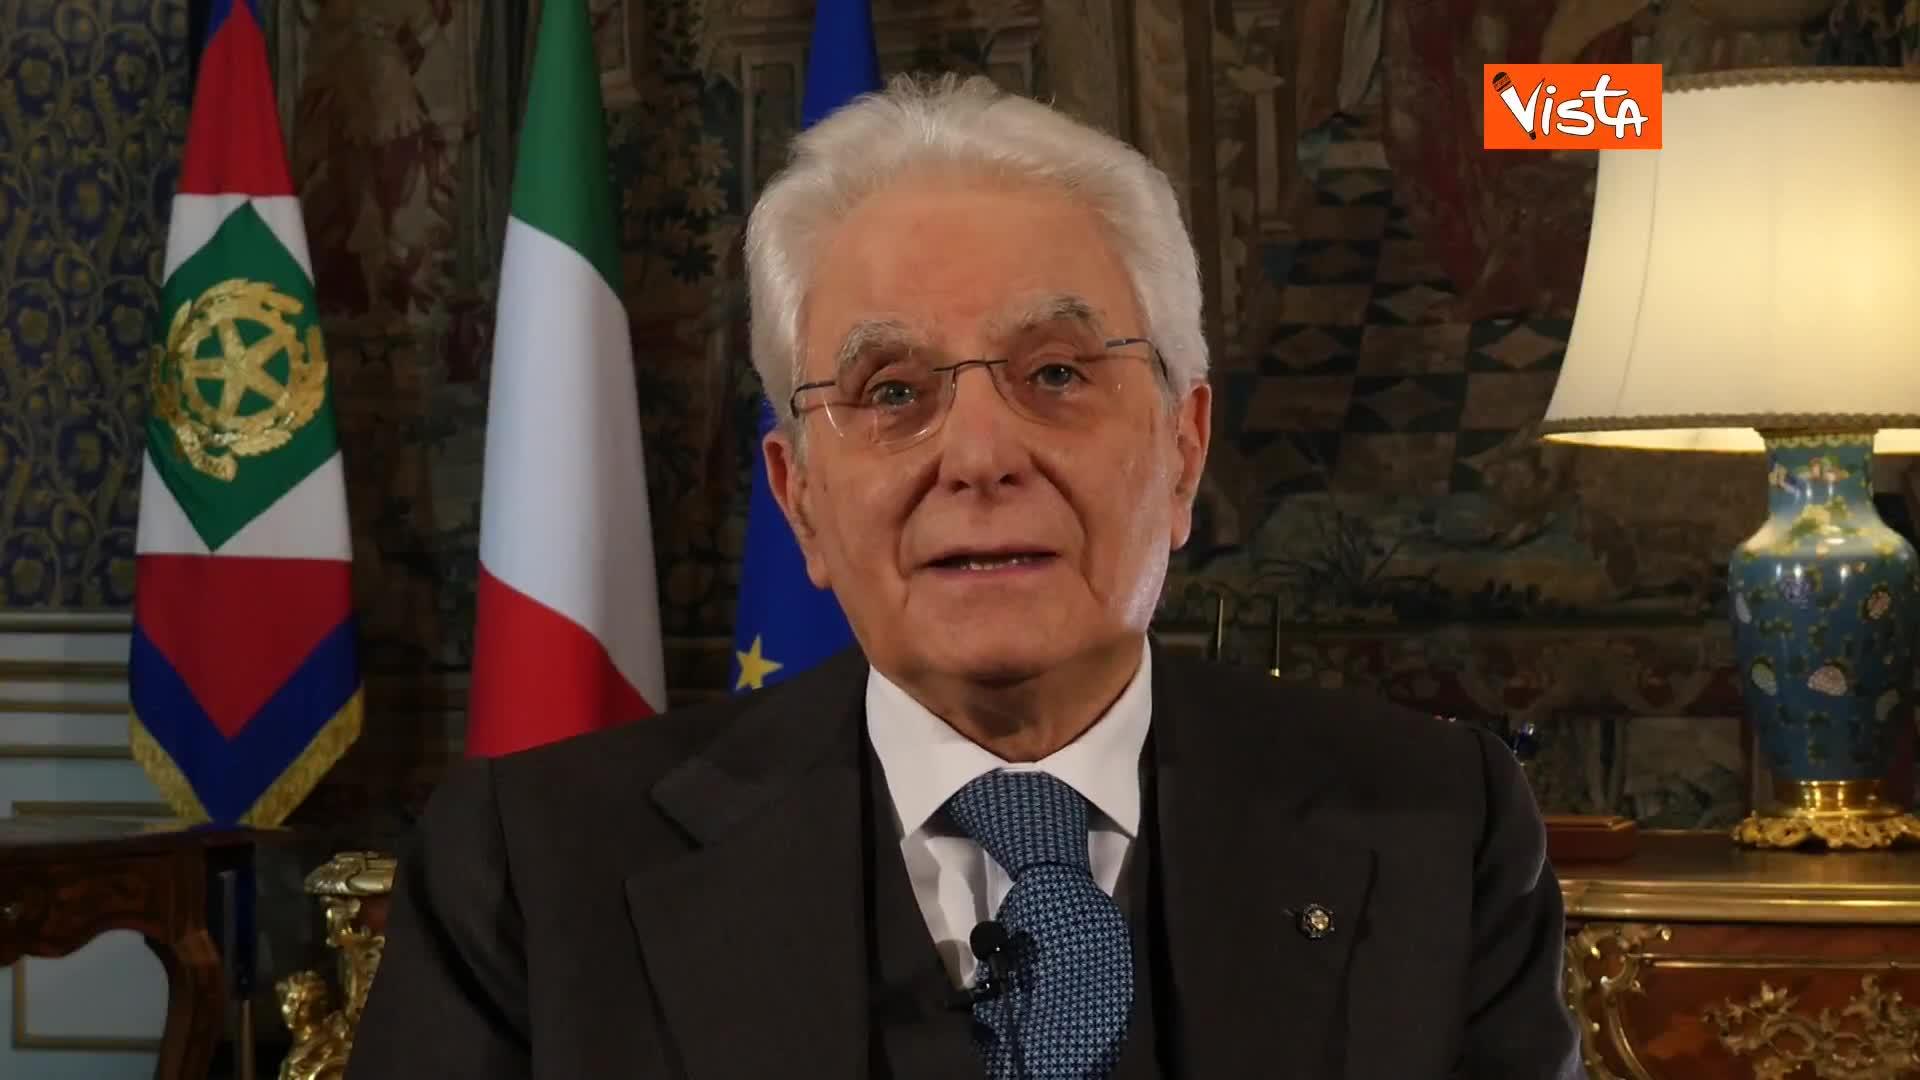 """Mattarella: """"Sarà Pasqua in solitudine per molti, anche per me, ma non possiamo fermarci ora"""""""